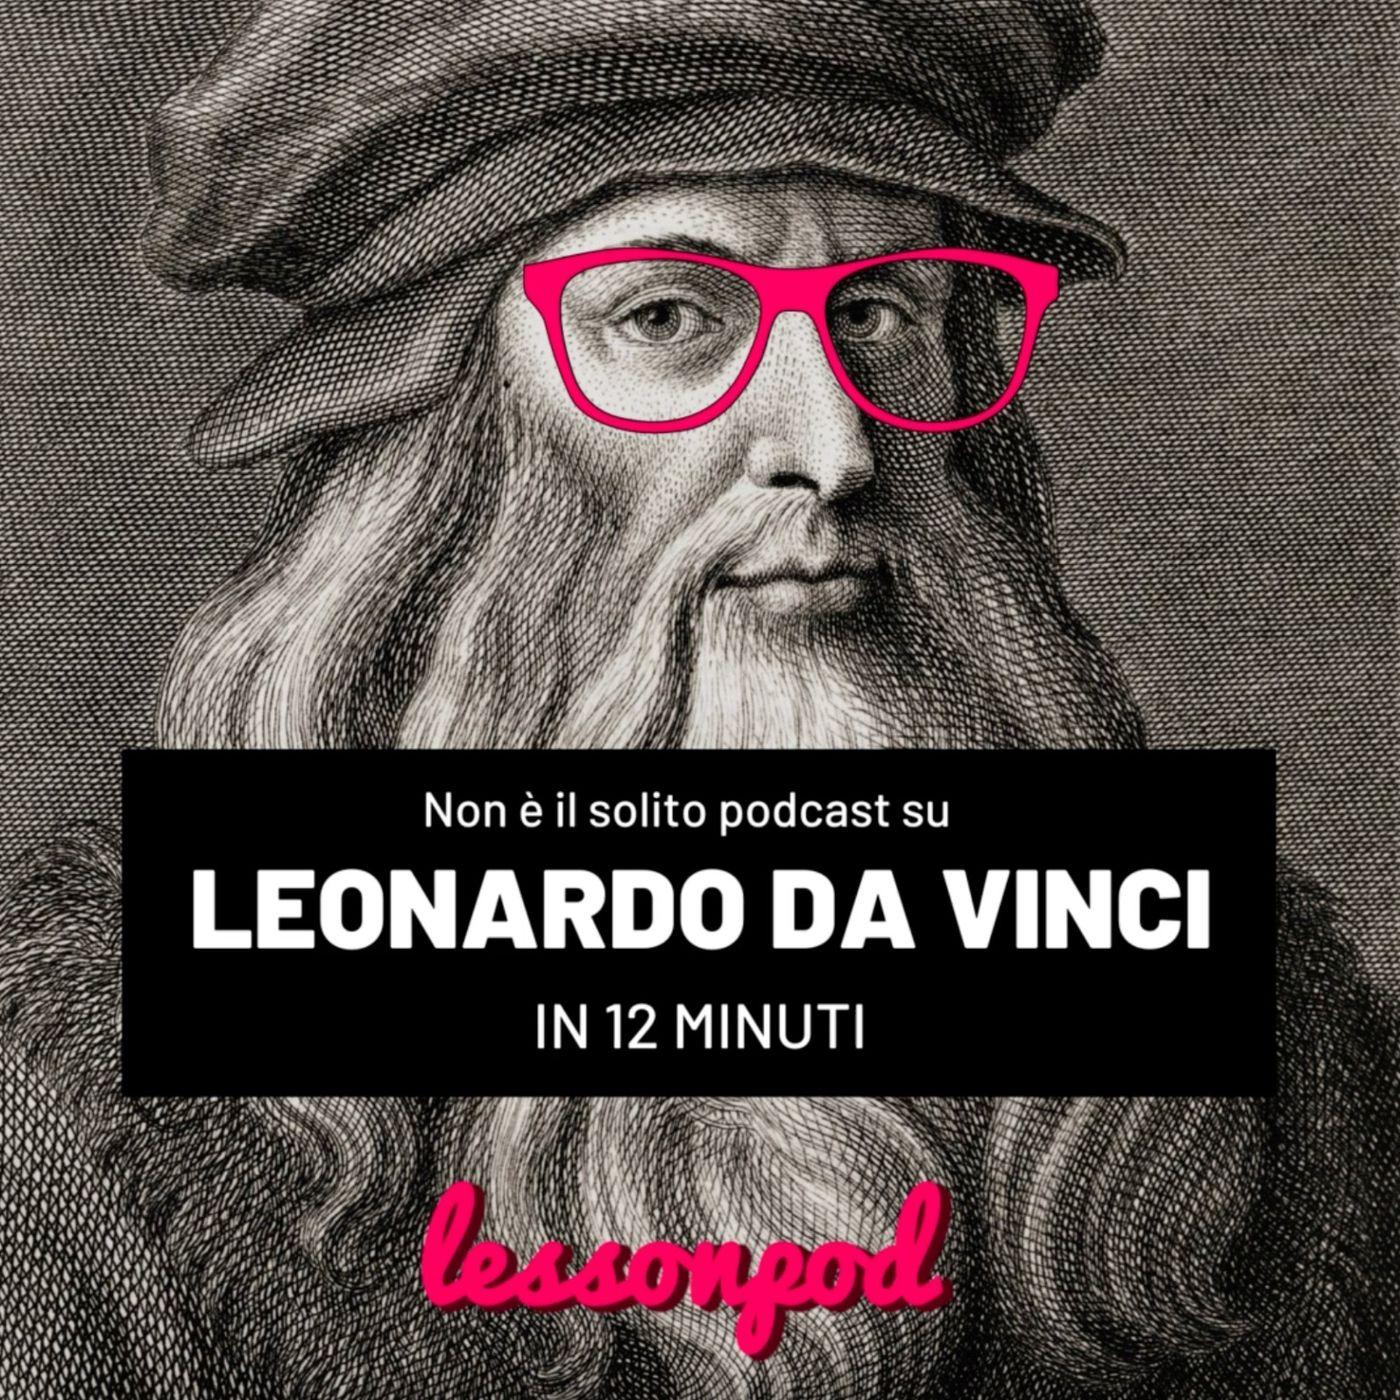 Non è il solito podcast su Leonardo Da Vinci in 12 minuti